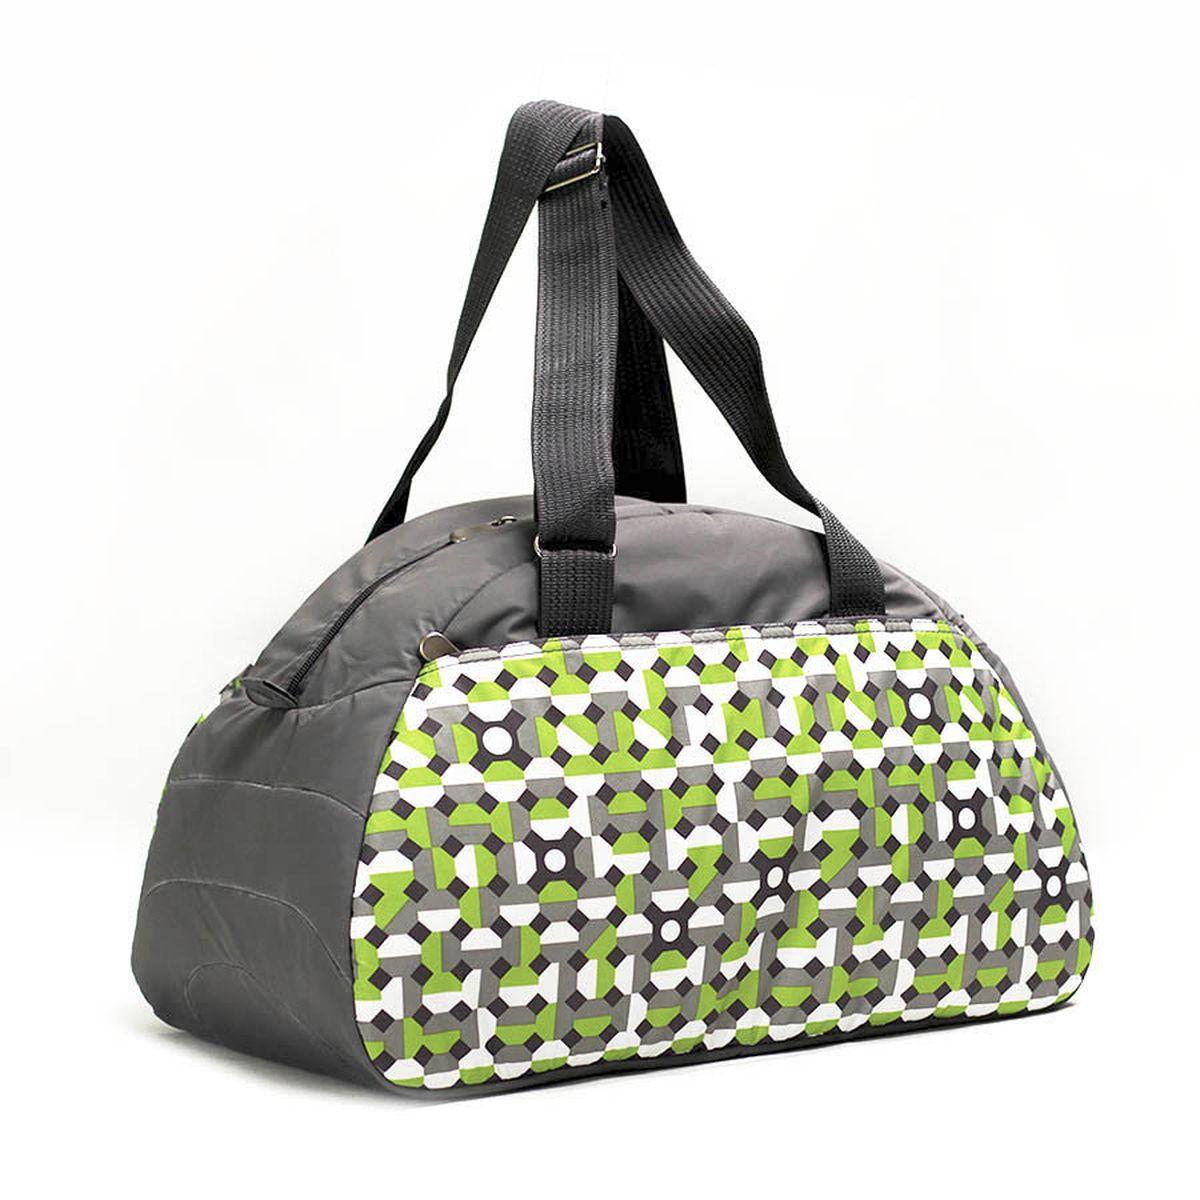 Сумка спортивная Polar, цвет: серый, зеленый, 28 л. 60206020_серый, зеленыйСпортивная сумка Polar выполнена из полиэстера. Сумка имеет одно большое отделение, внутри которого расположен один карман на молнии. Снаружи один большой карман на молнии. Длина ручек регулируется по необходимой длине, что позволяет носить сумку как в руках, так и на плече. Максимальная высота ручек - 35 см. Съемного плечевого ремня нет.